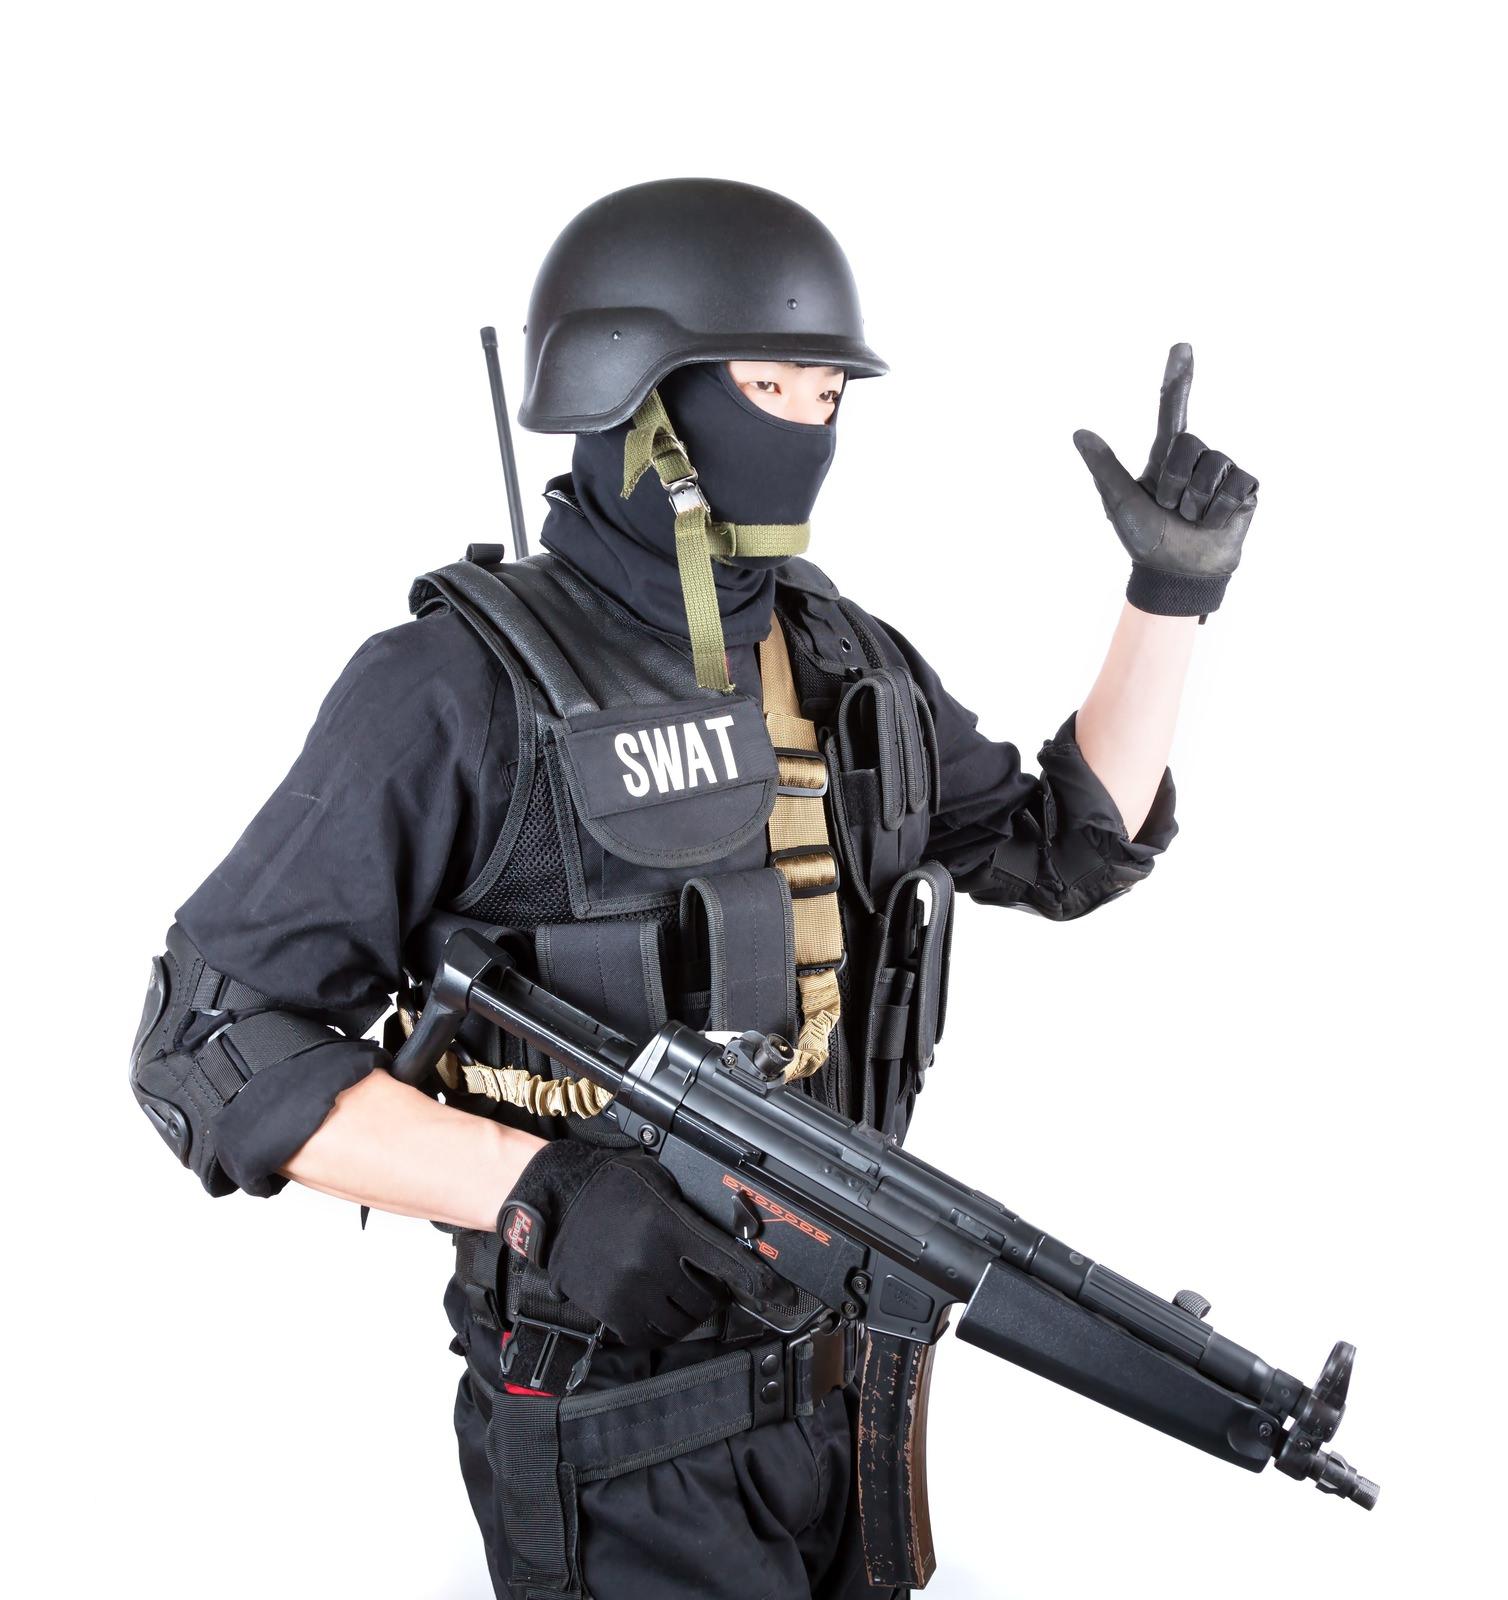 ピストル(Pistol)のハンドサインピストル(Pistol)のハンドサイン